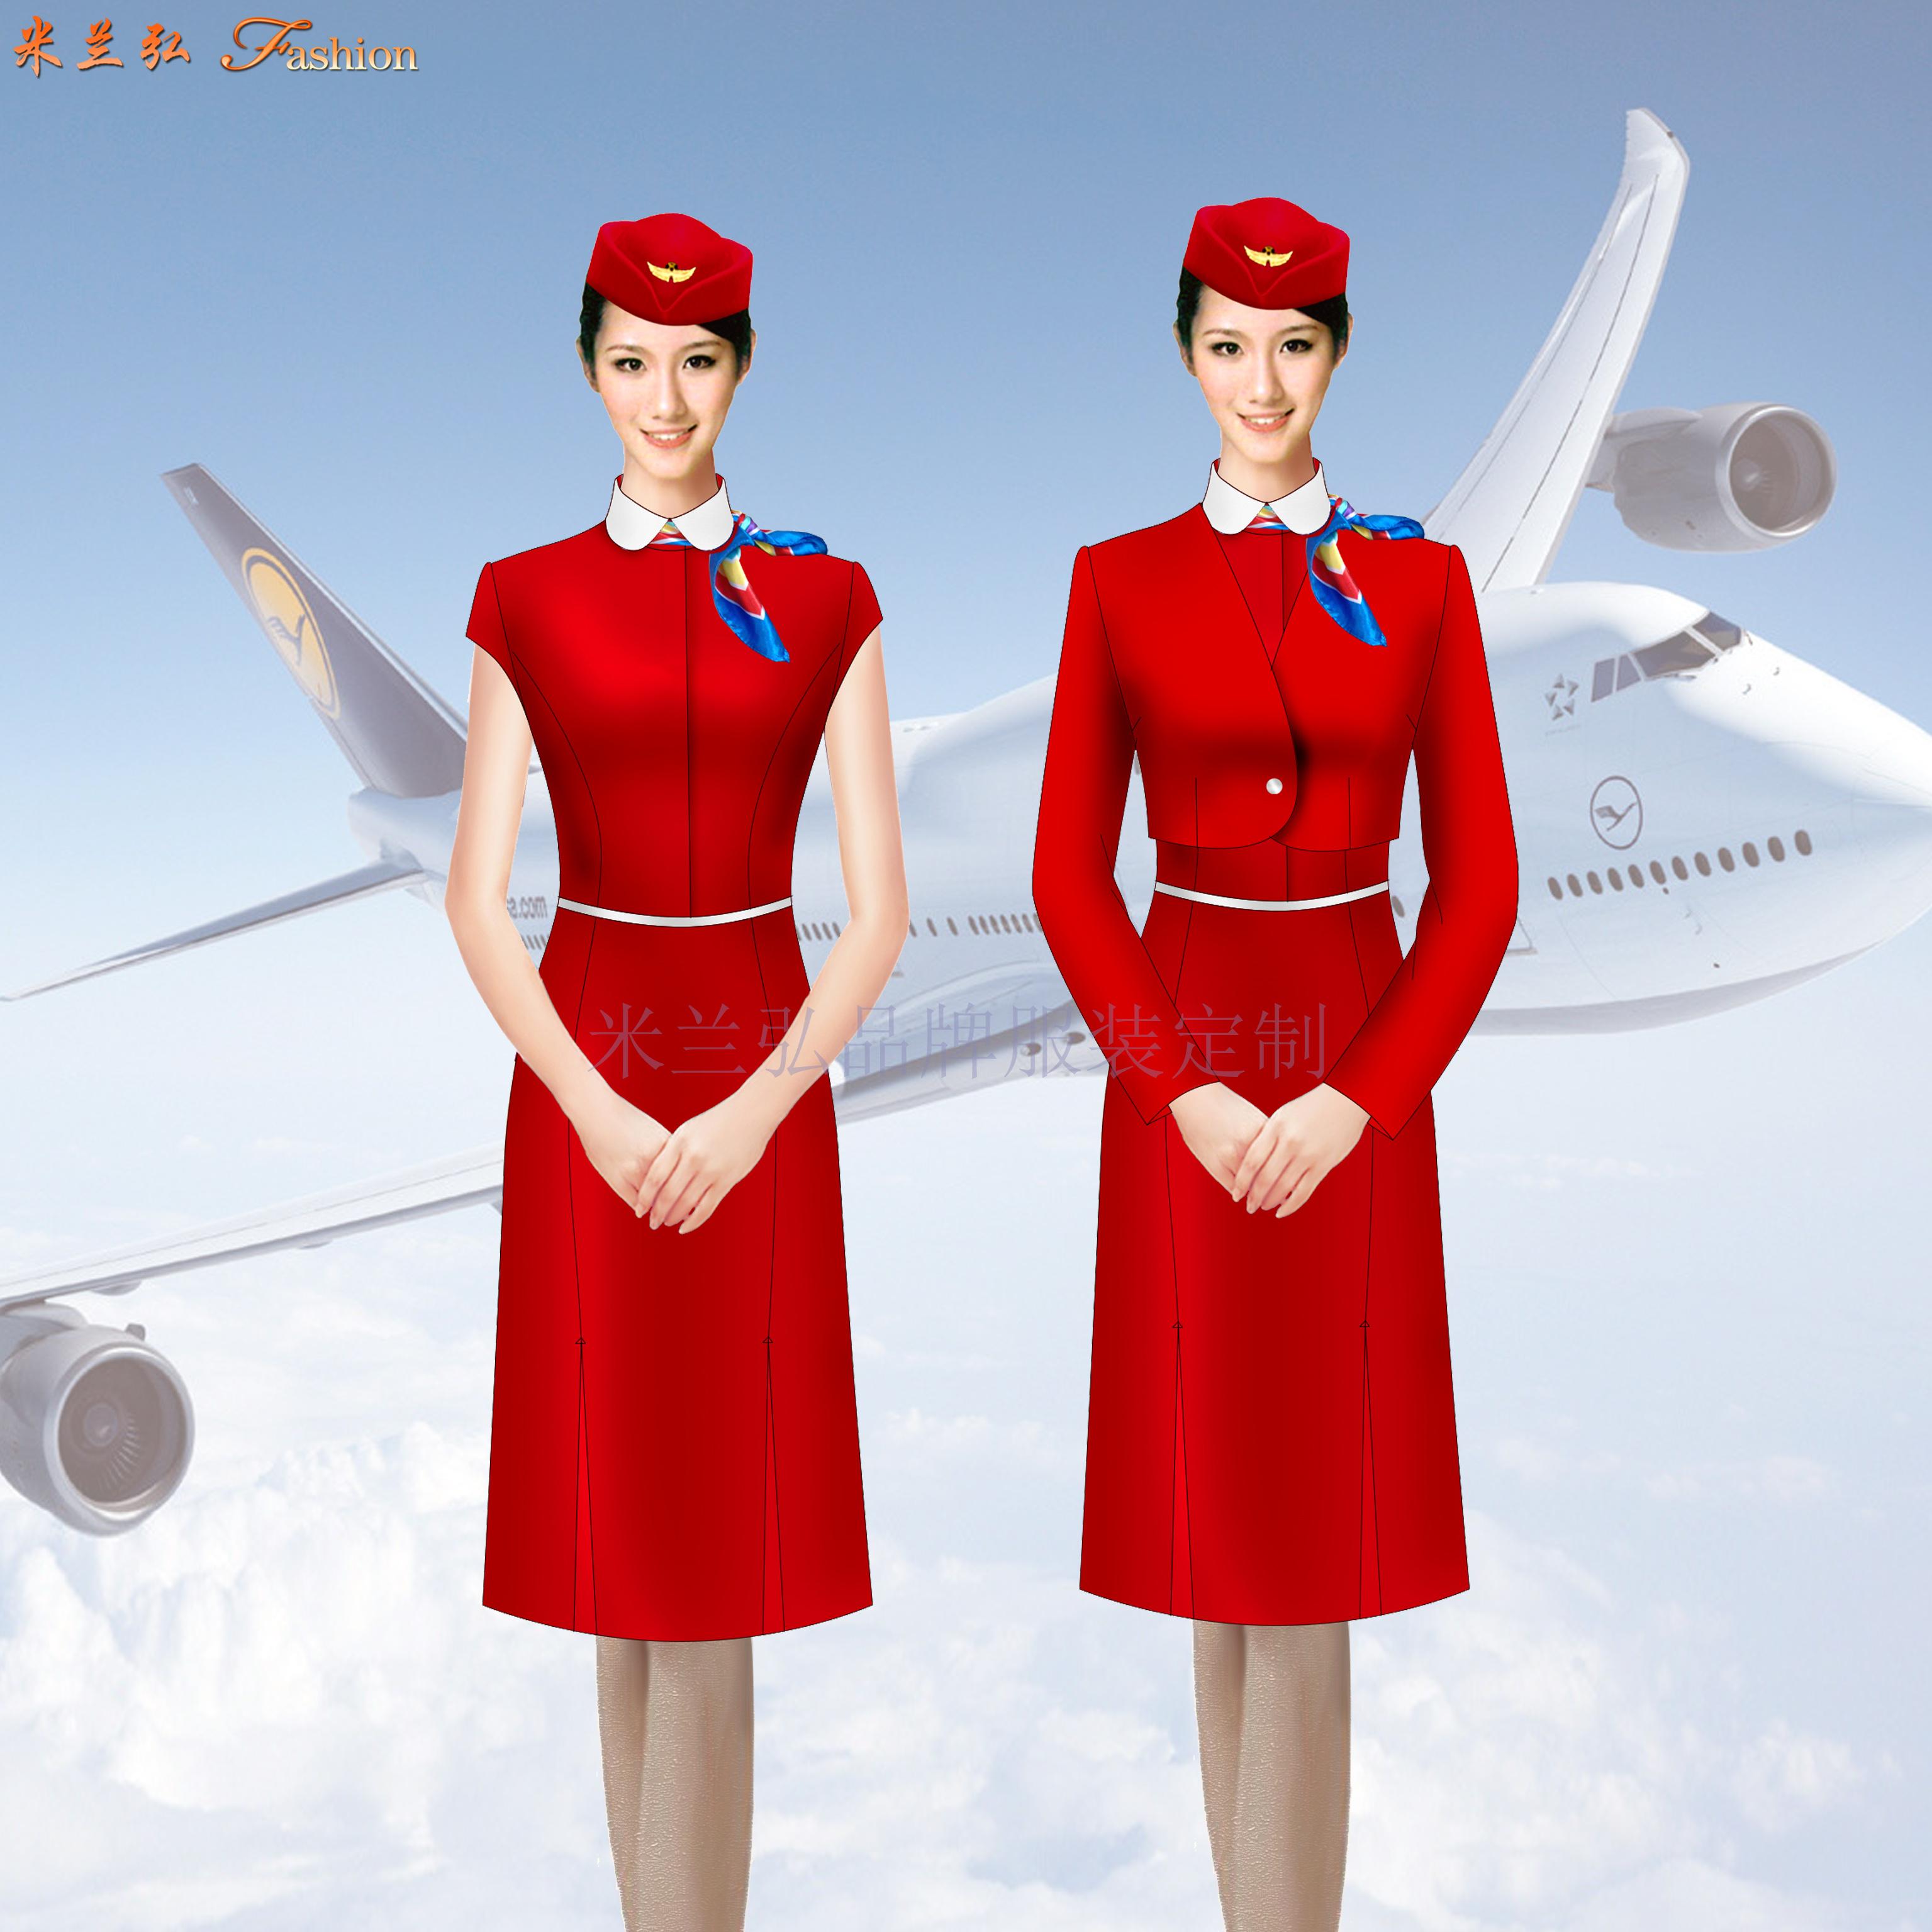 空姐服裙裝訂制定做空姐服連衣裙套裝價格-米蘭弘廠家-5